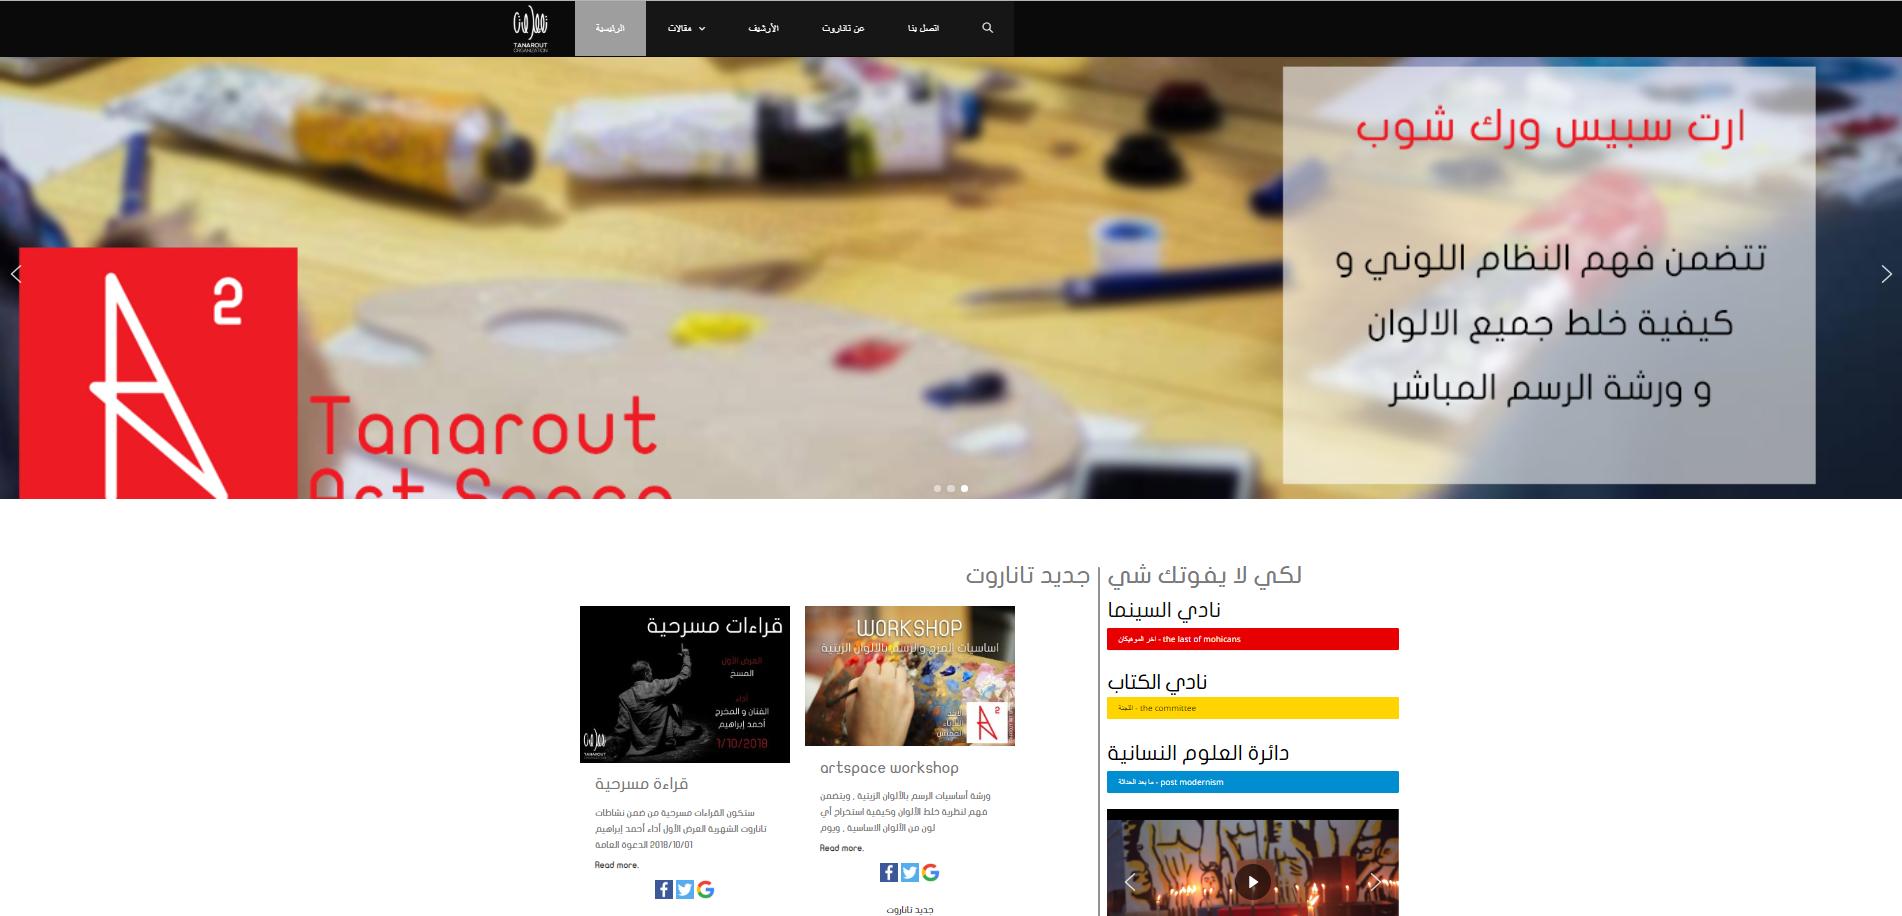 الموقع الرسمي لتجمع تاناروت